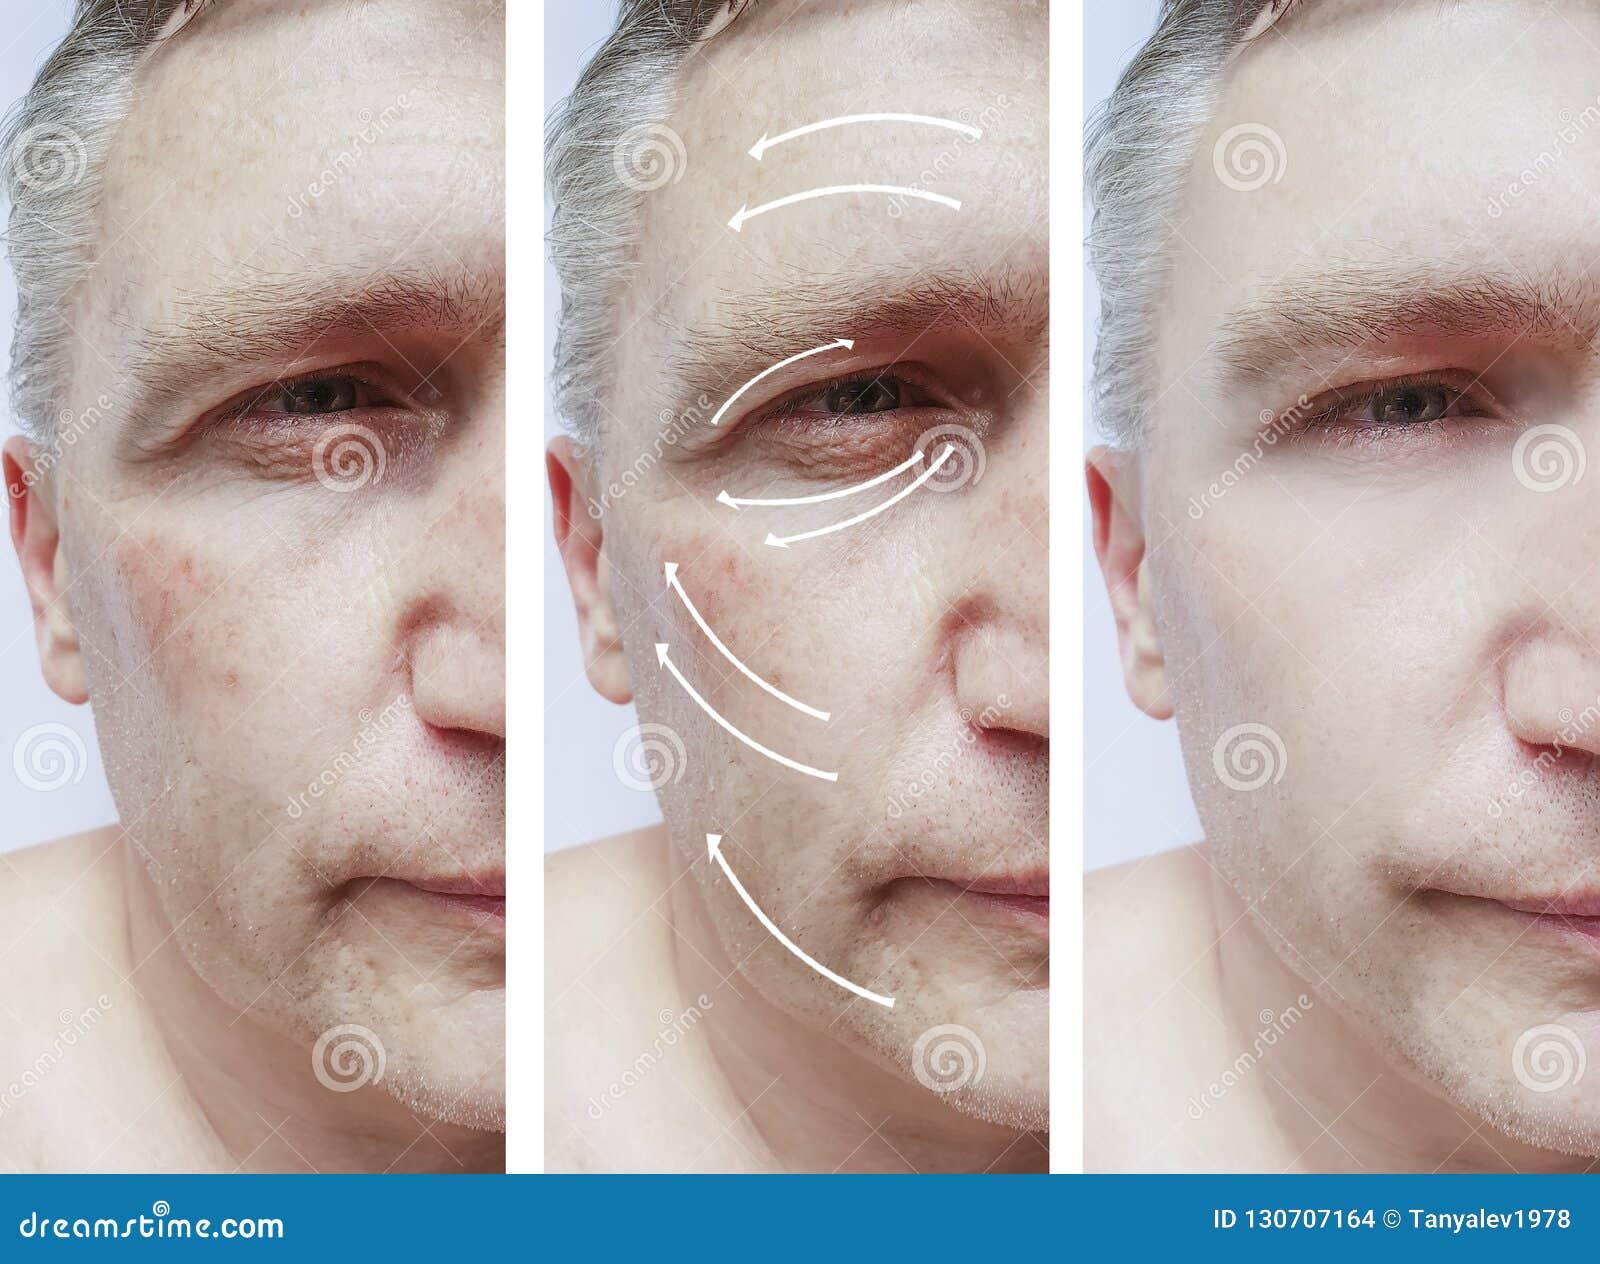 2215acc42599 Mann, Falten Auf Gesicht, Korrekturpatient Vor Und Nach Verfahren ...